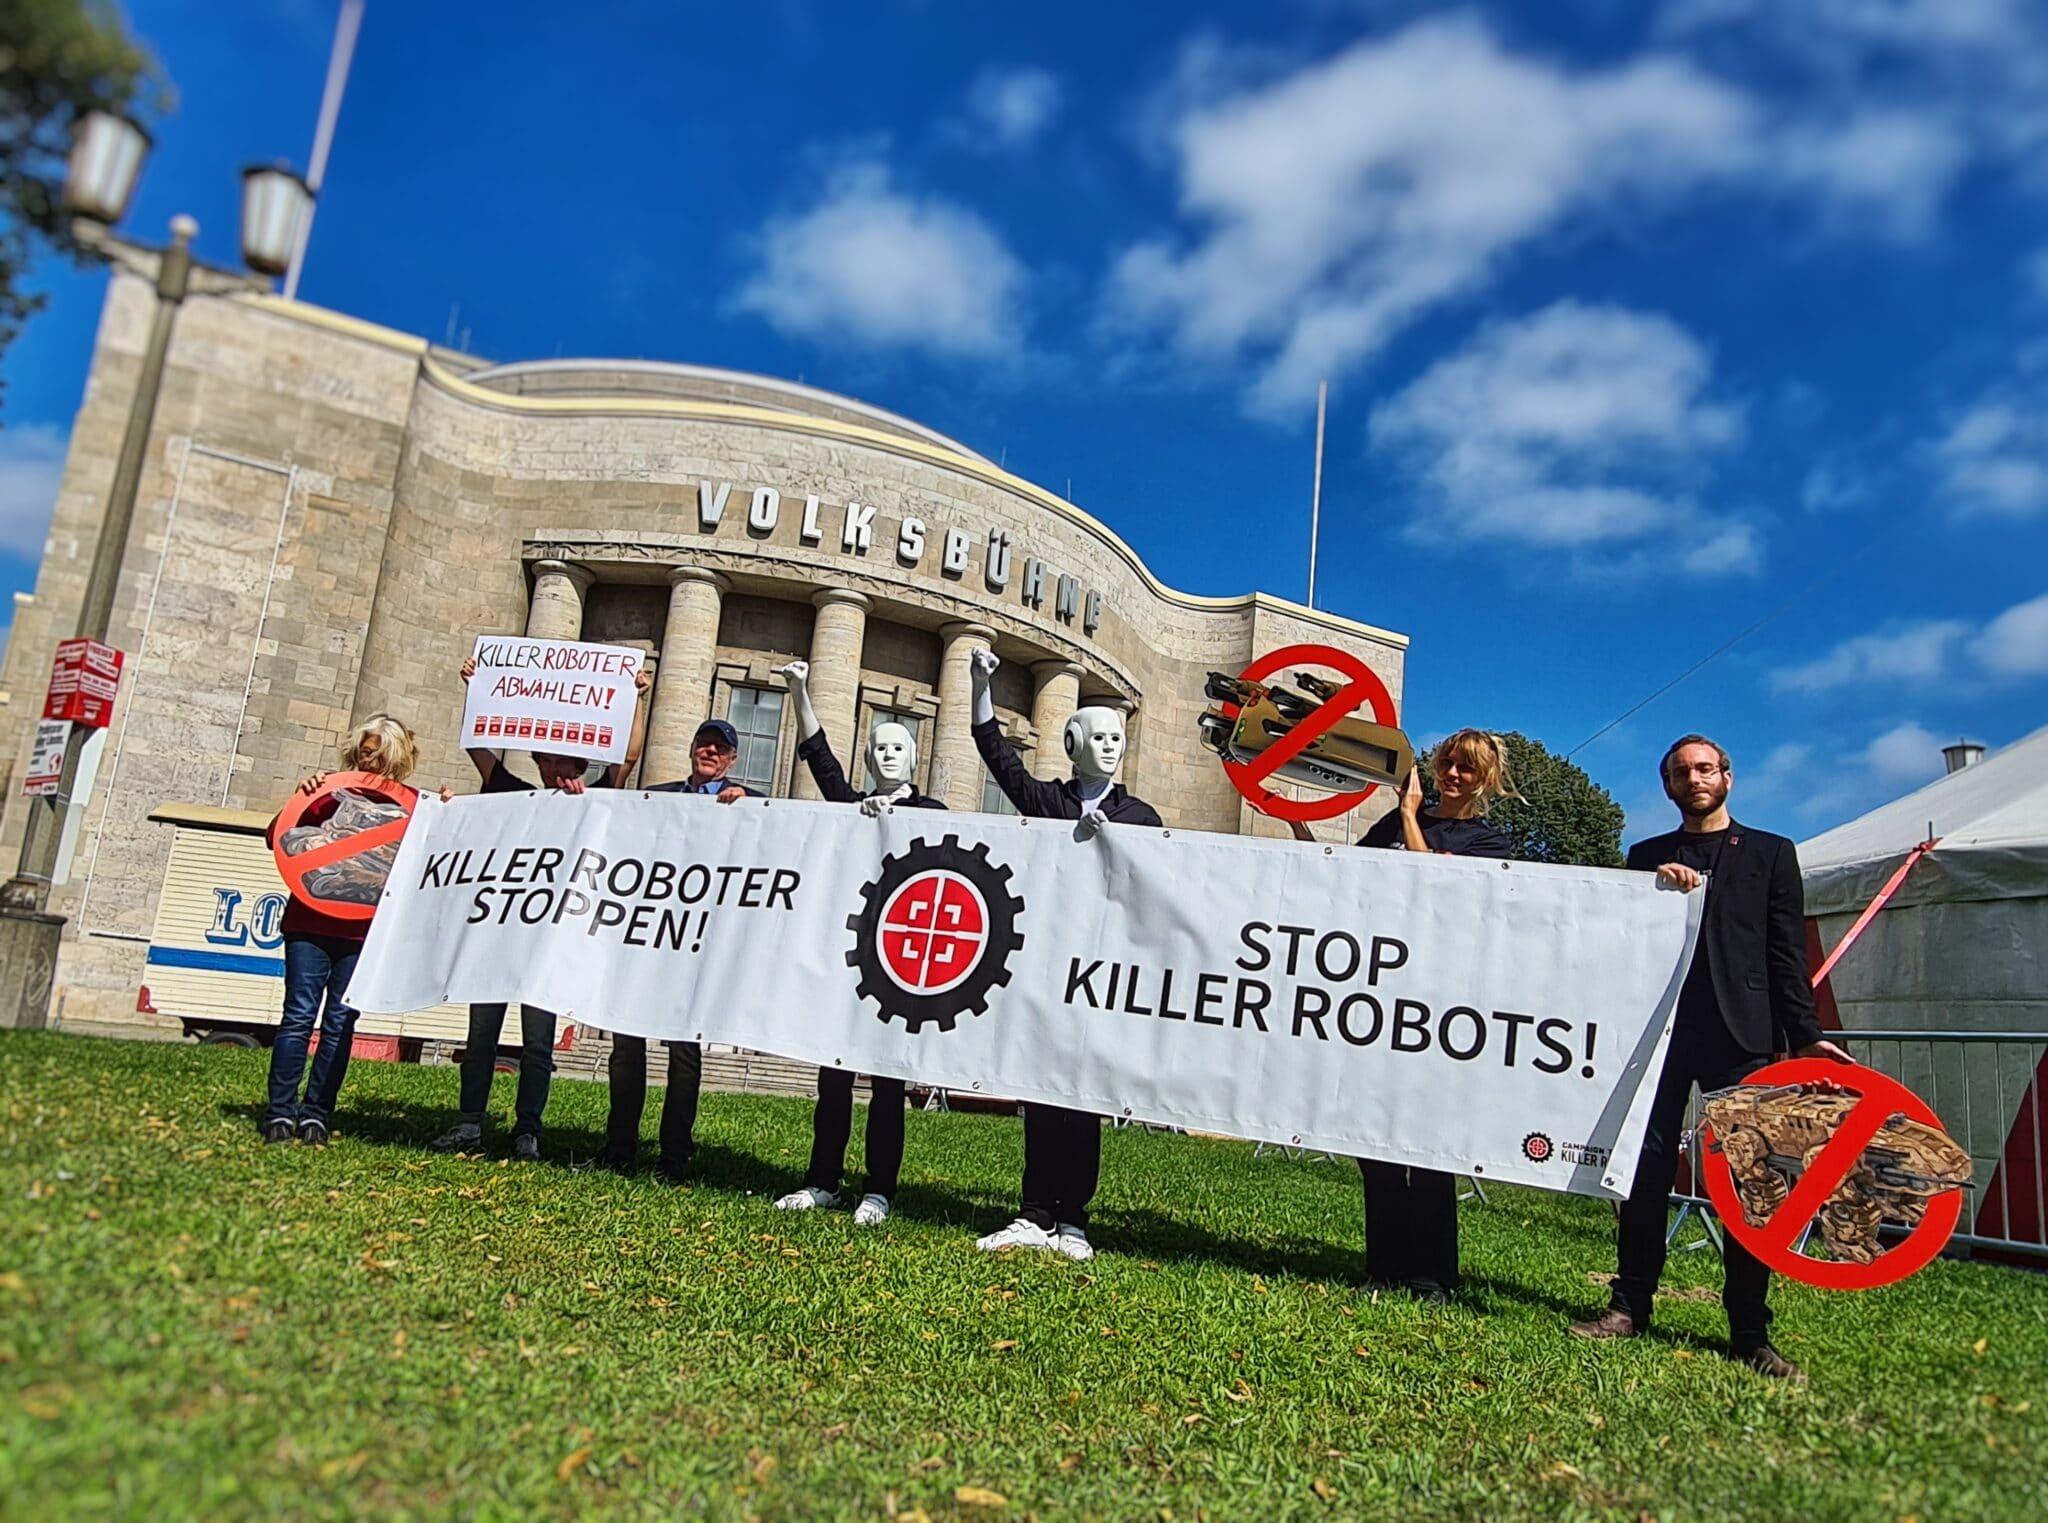 Stop Killer Robots - Volksbühne Killer Roboter Stoppen - Volksbühne | Bild (Ausschnitt): © n.v.